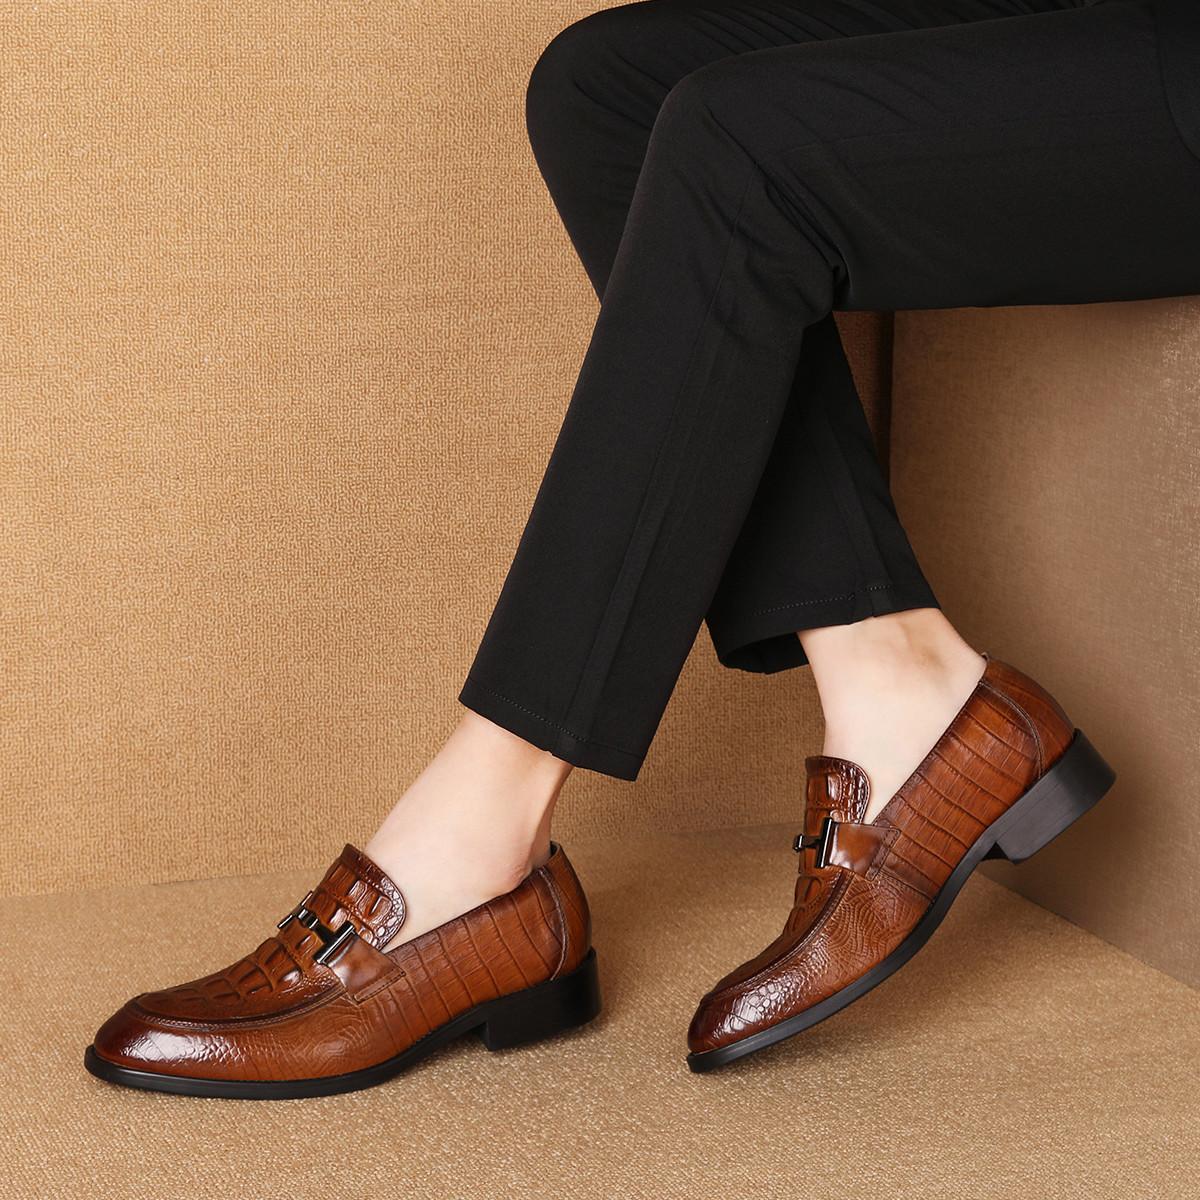 波尔谛奇新款真皮男鞋牛皮鳄纹套脚德比鞋男士商务皮鞋休闲鞋K9S80028-HZ